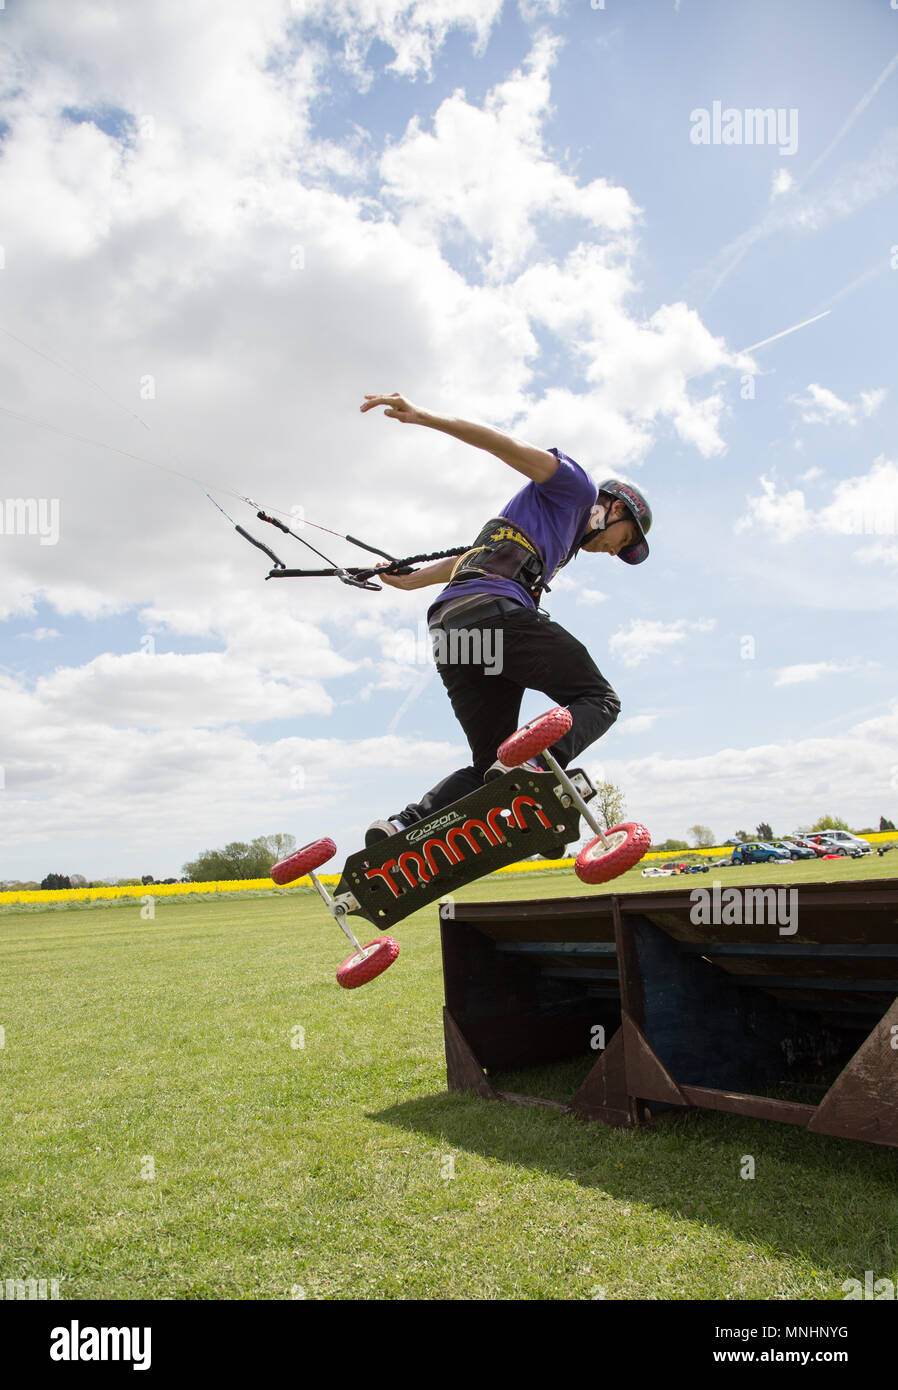 Extreme sport kite landboarding in Essex, UK. Going airborne. - Stock Image